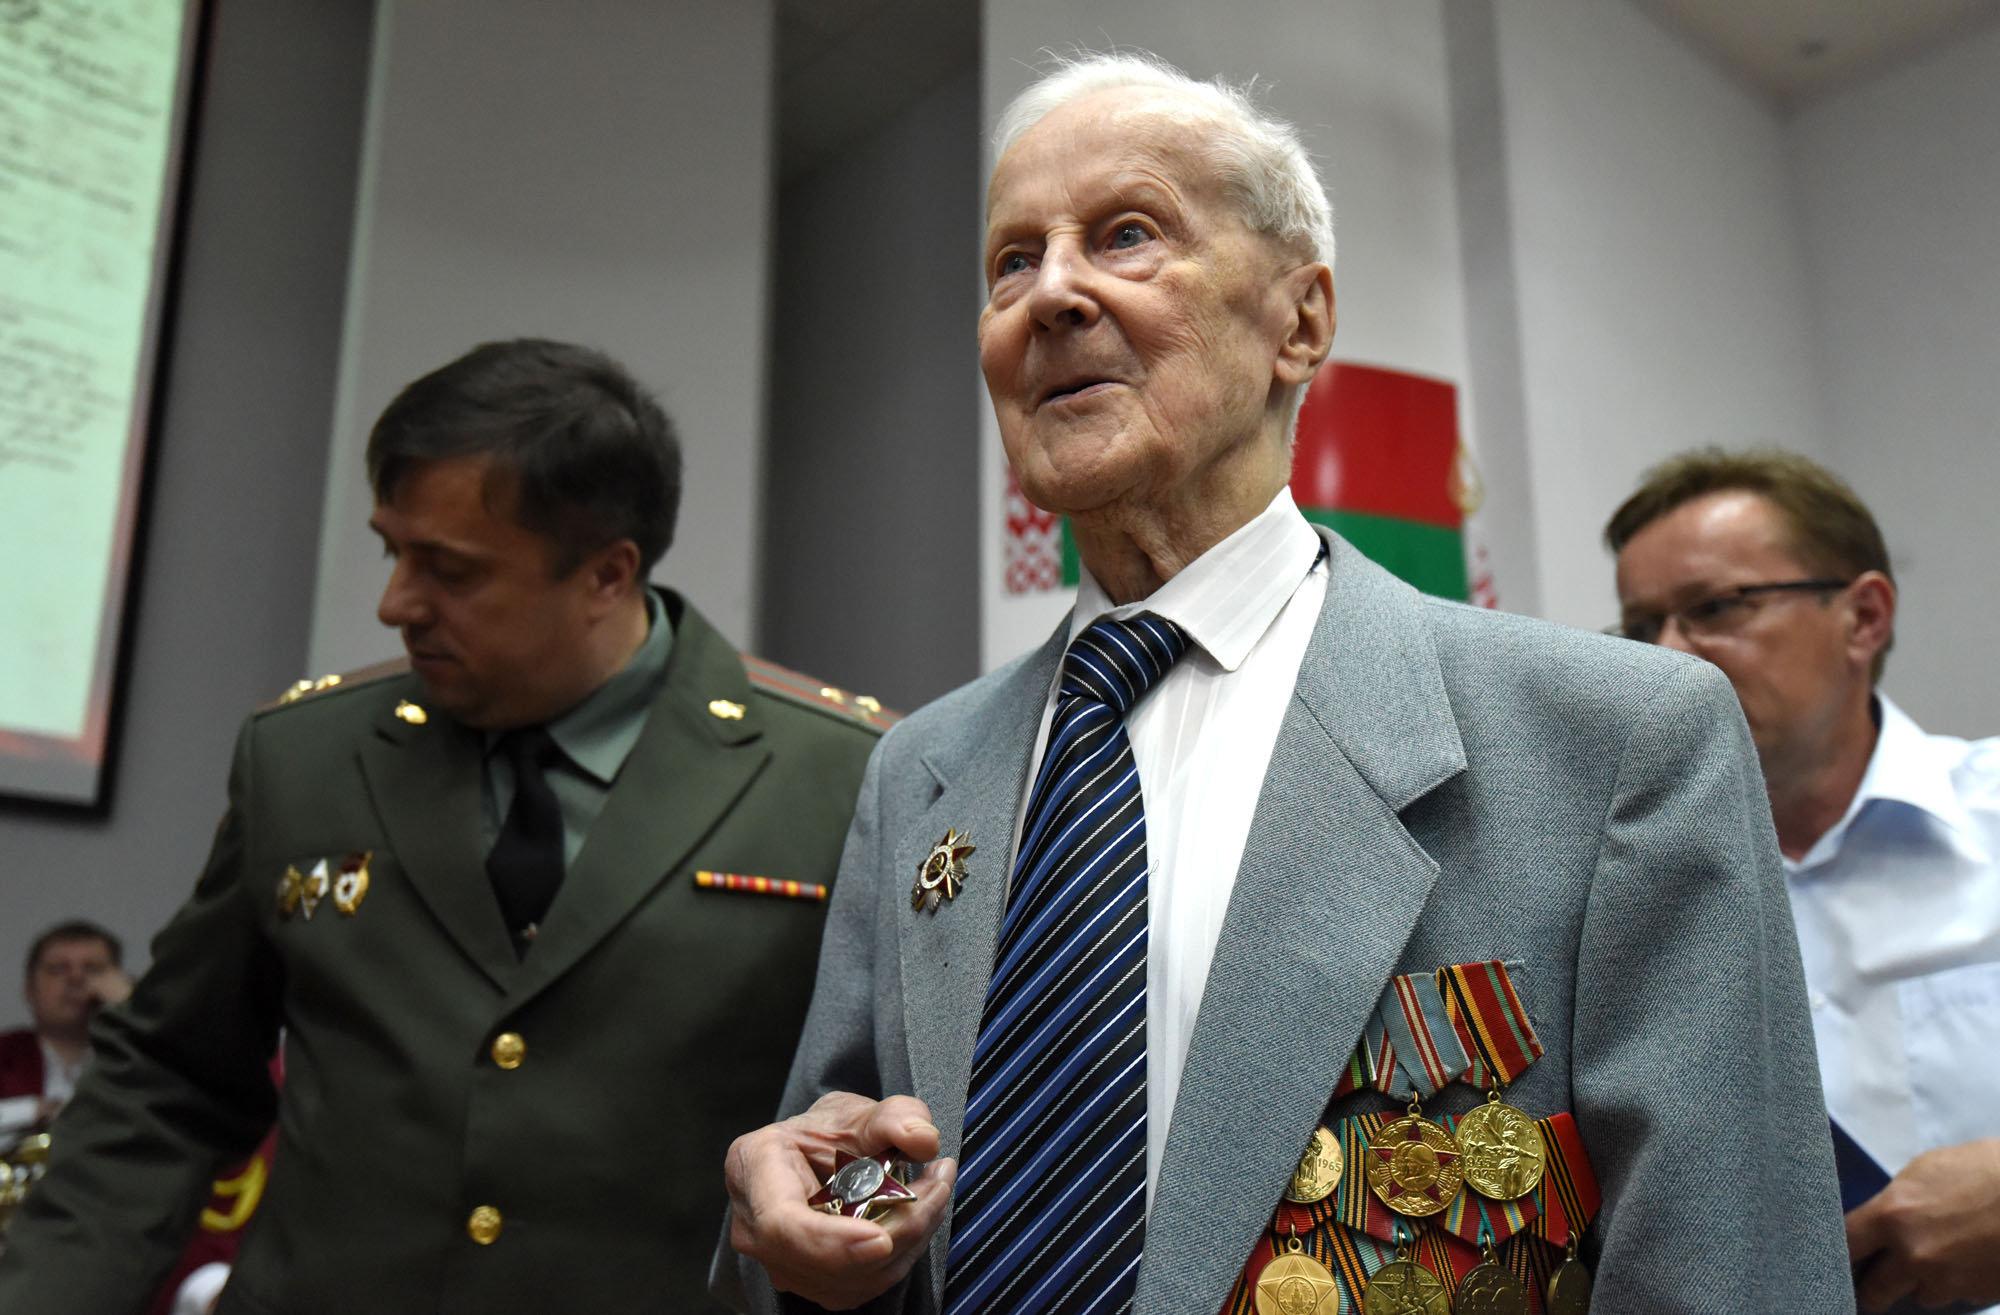 До сих пор лацканы пиджака Василия Хацулева украшали орден Великой Отечественной войны II степени и юбилейные медали